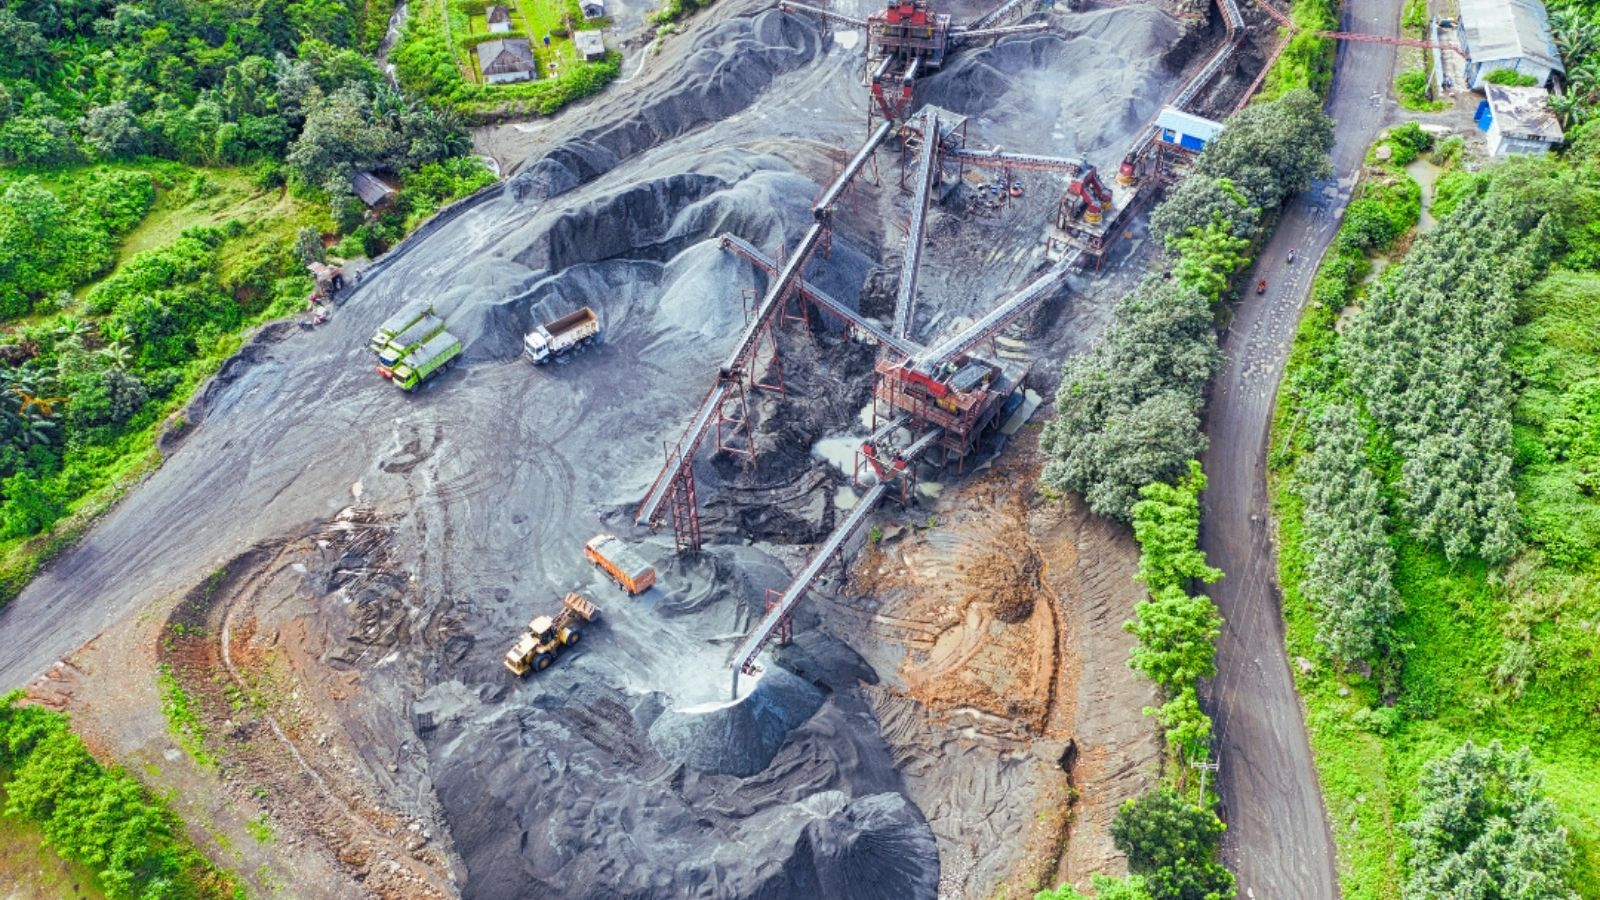 Via mijnbouw kan de EU zich geen weg banen uit de klimaatcrisis